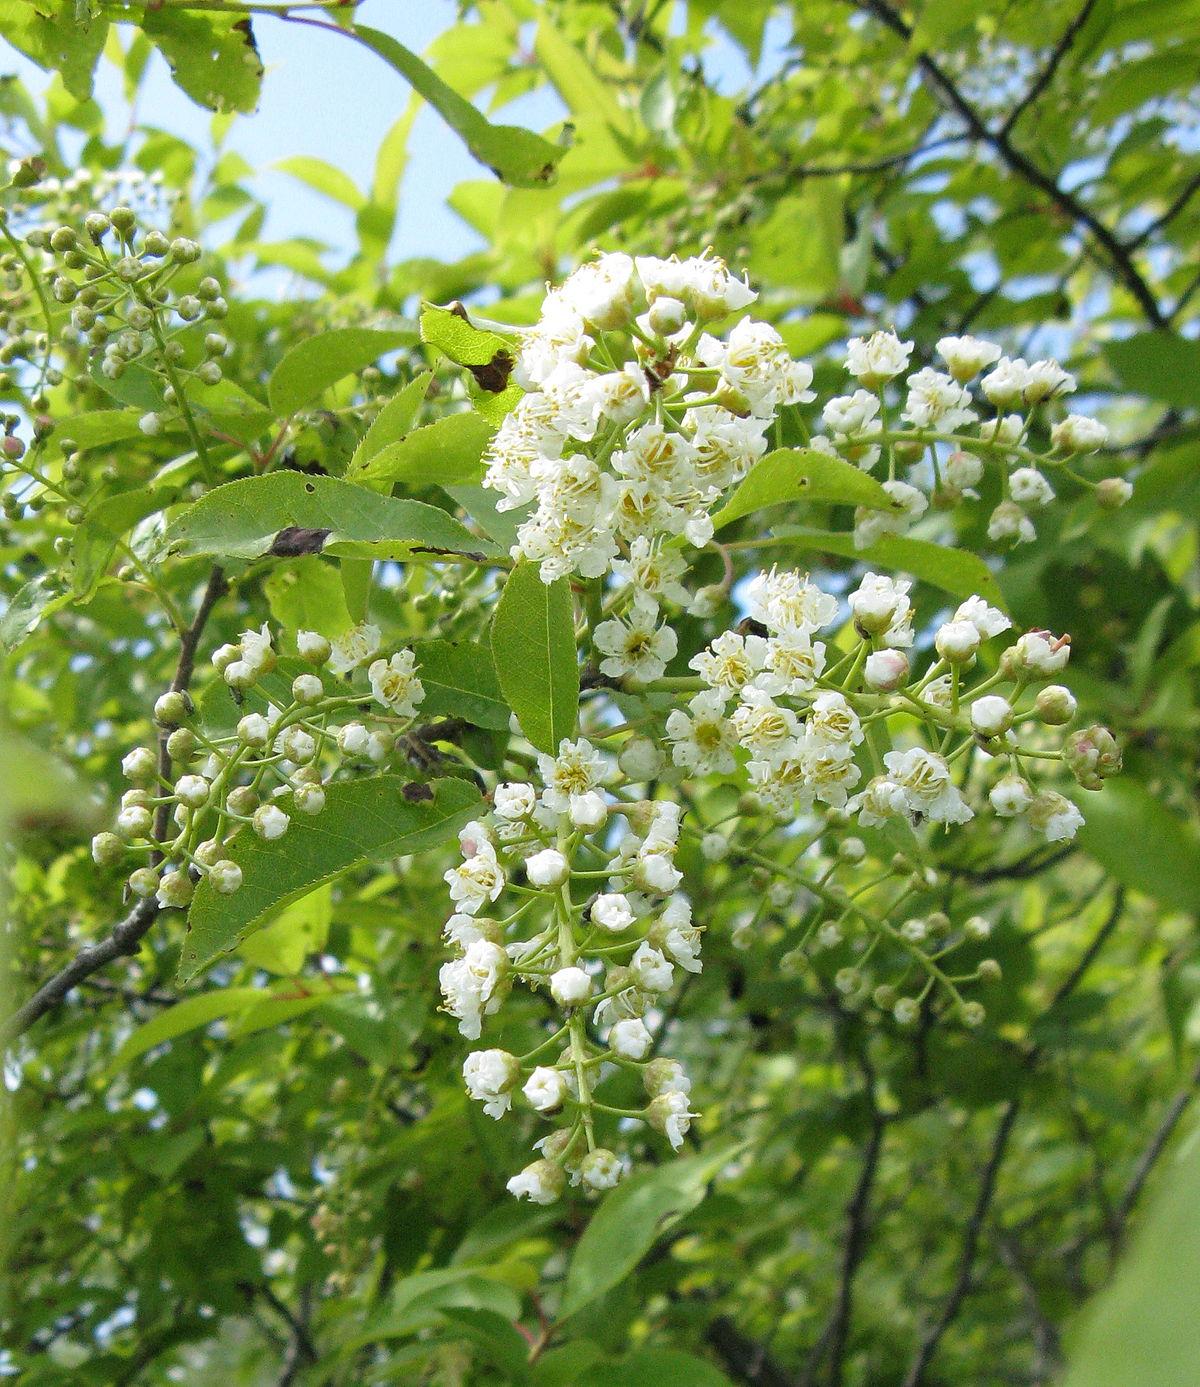 1200px-Prunus_virginiana_flowers.jpg